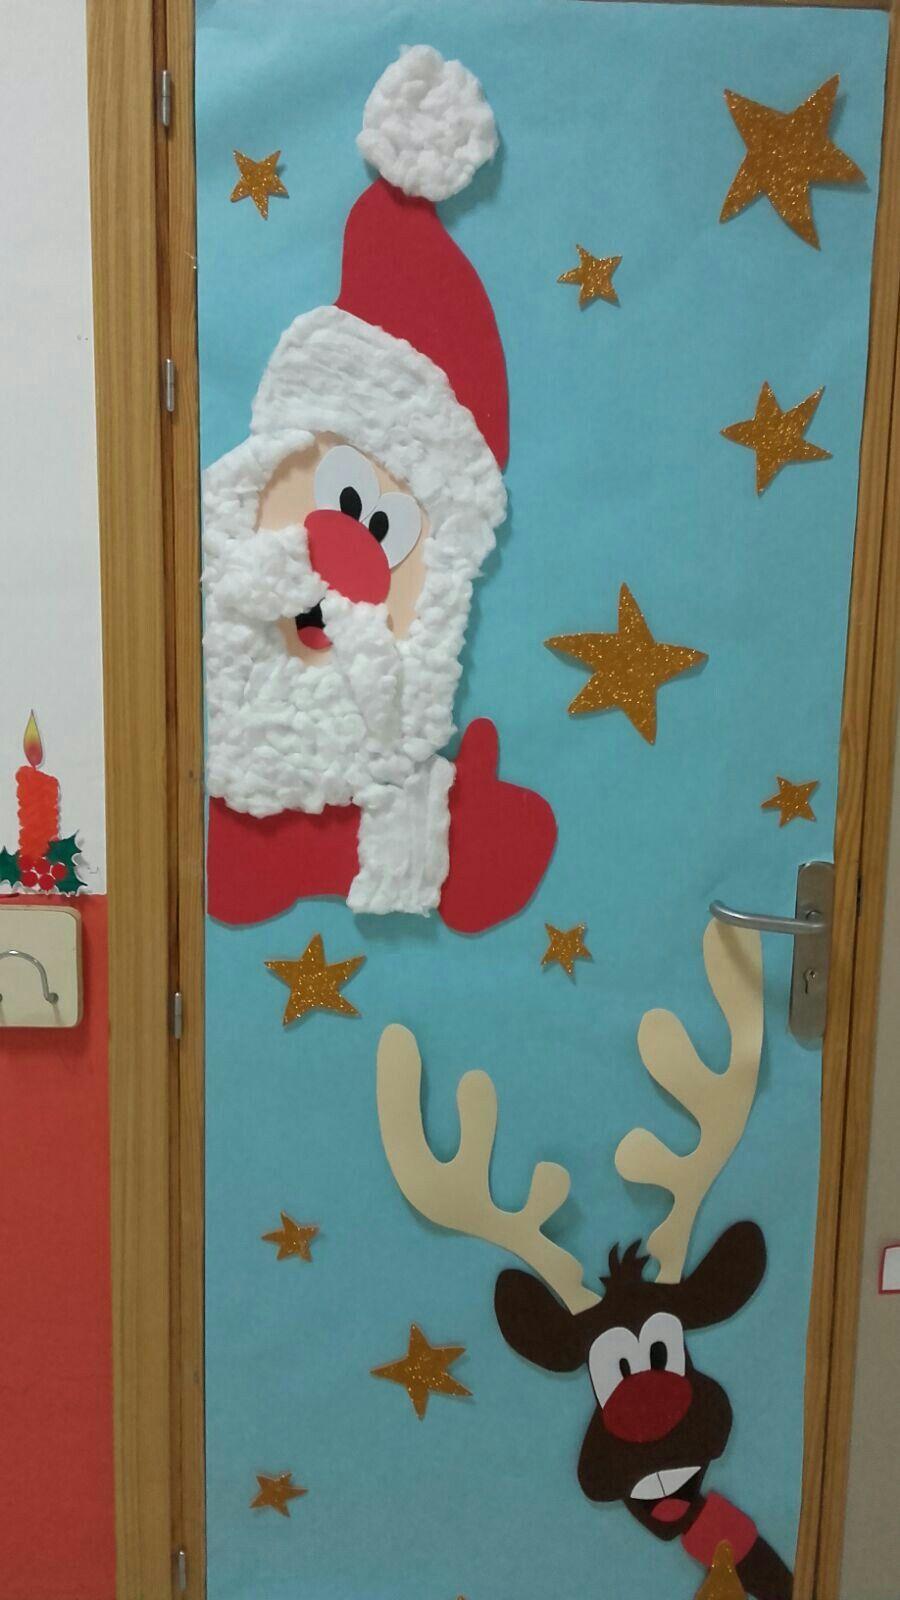 Decoraci n papa noel y reno para navidad santa claus para for Puertas decoradas navidad material reciclable